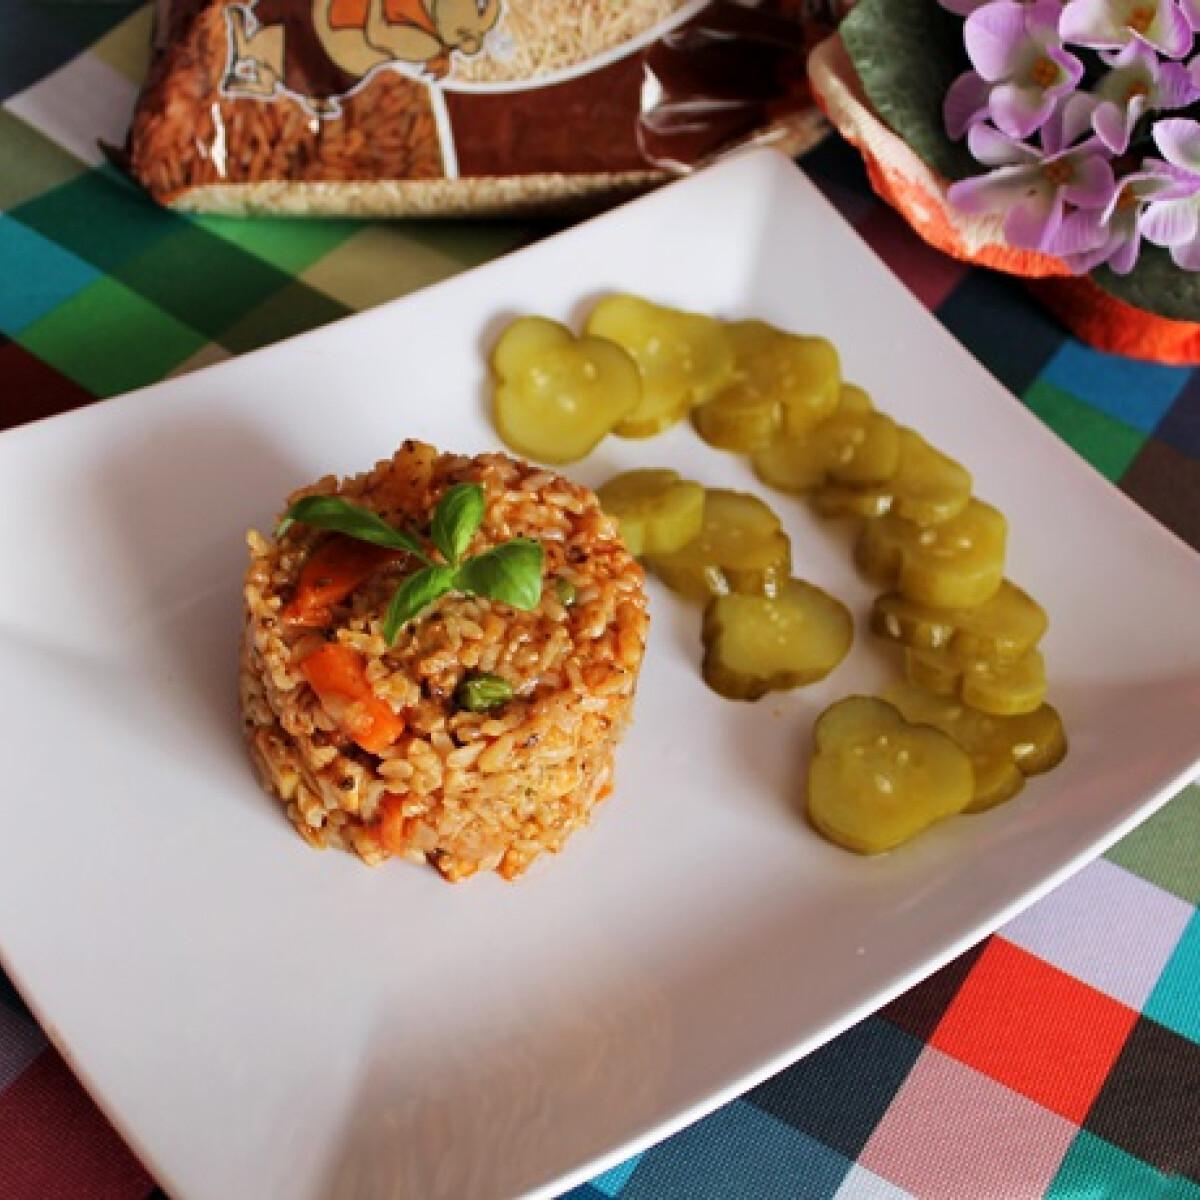 Zöldséges csirke barna rizzsel